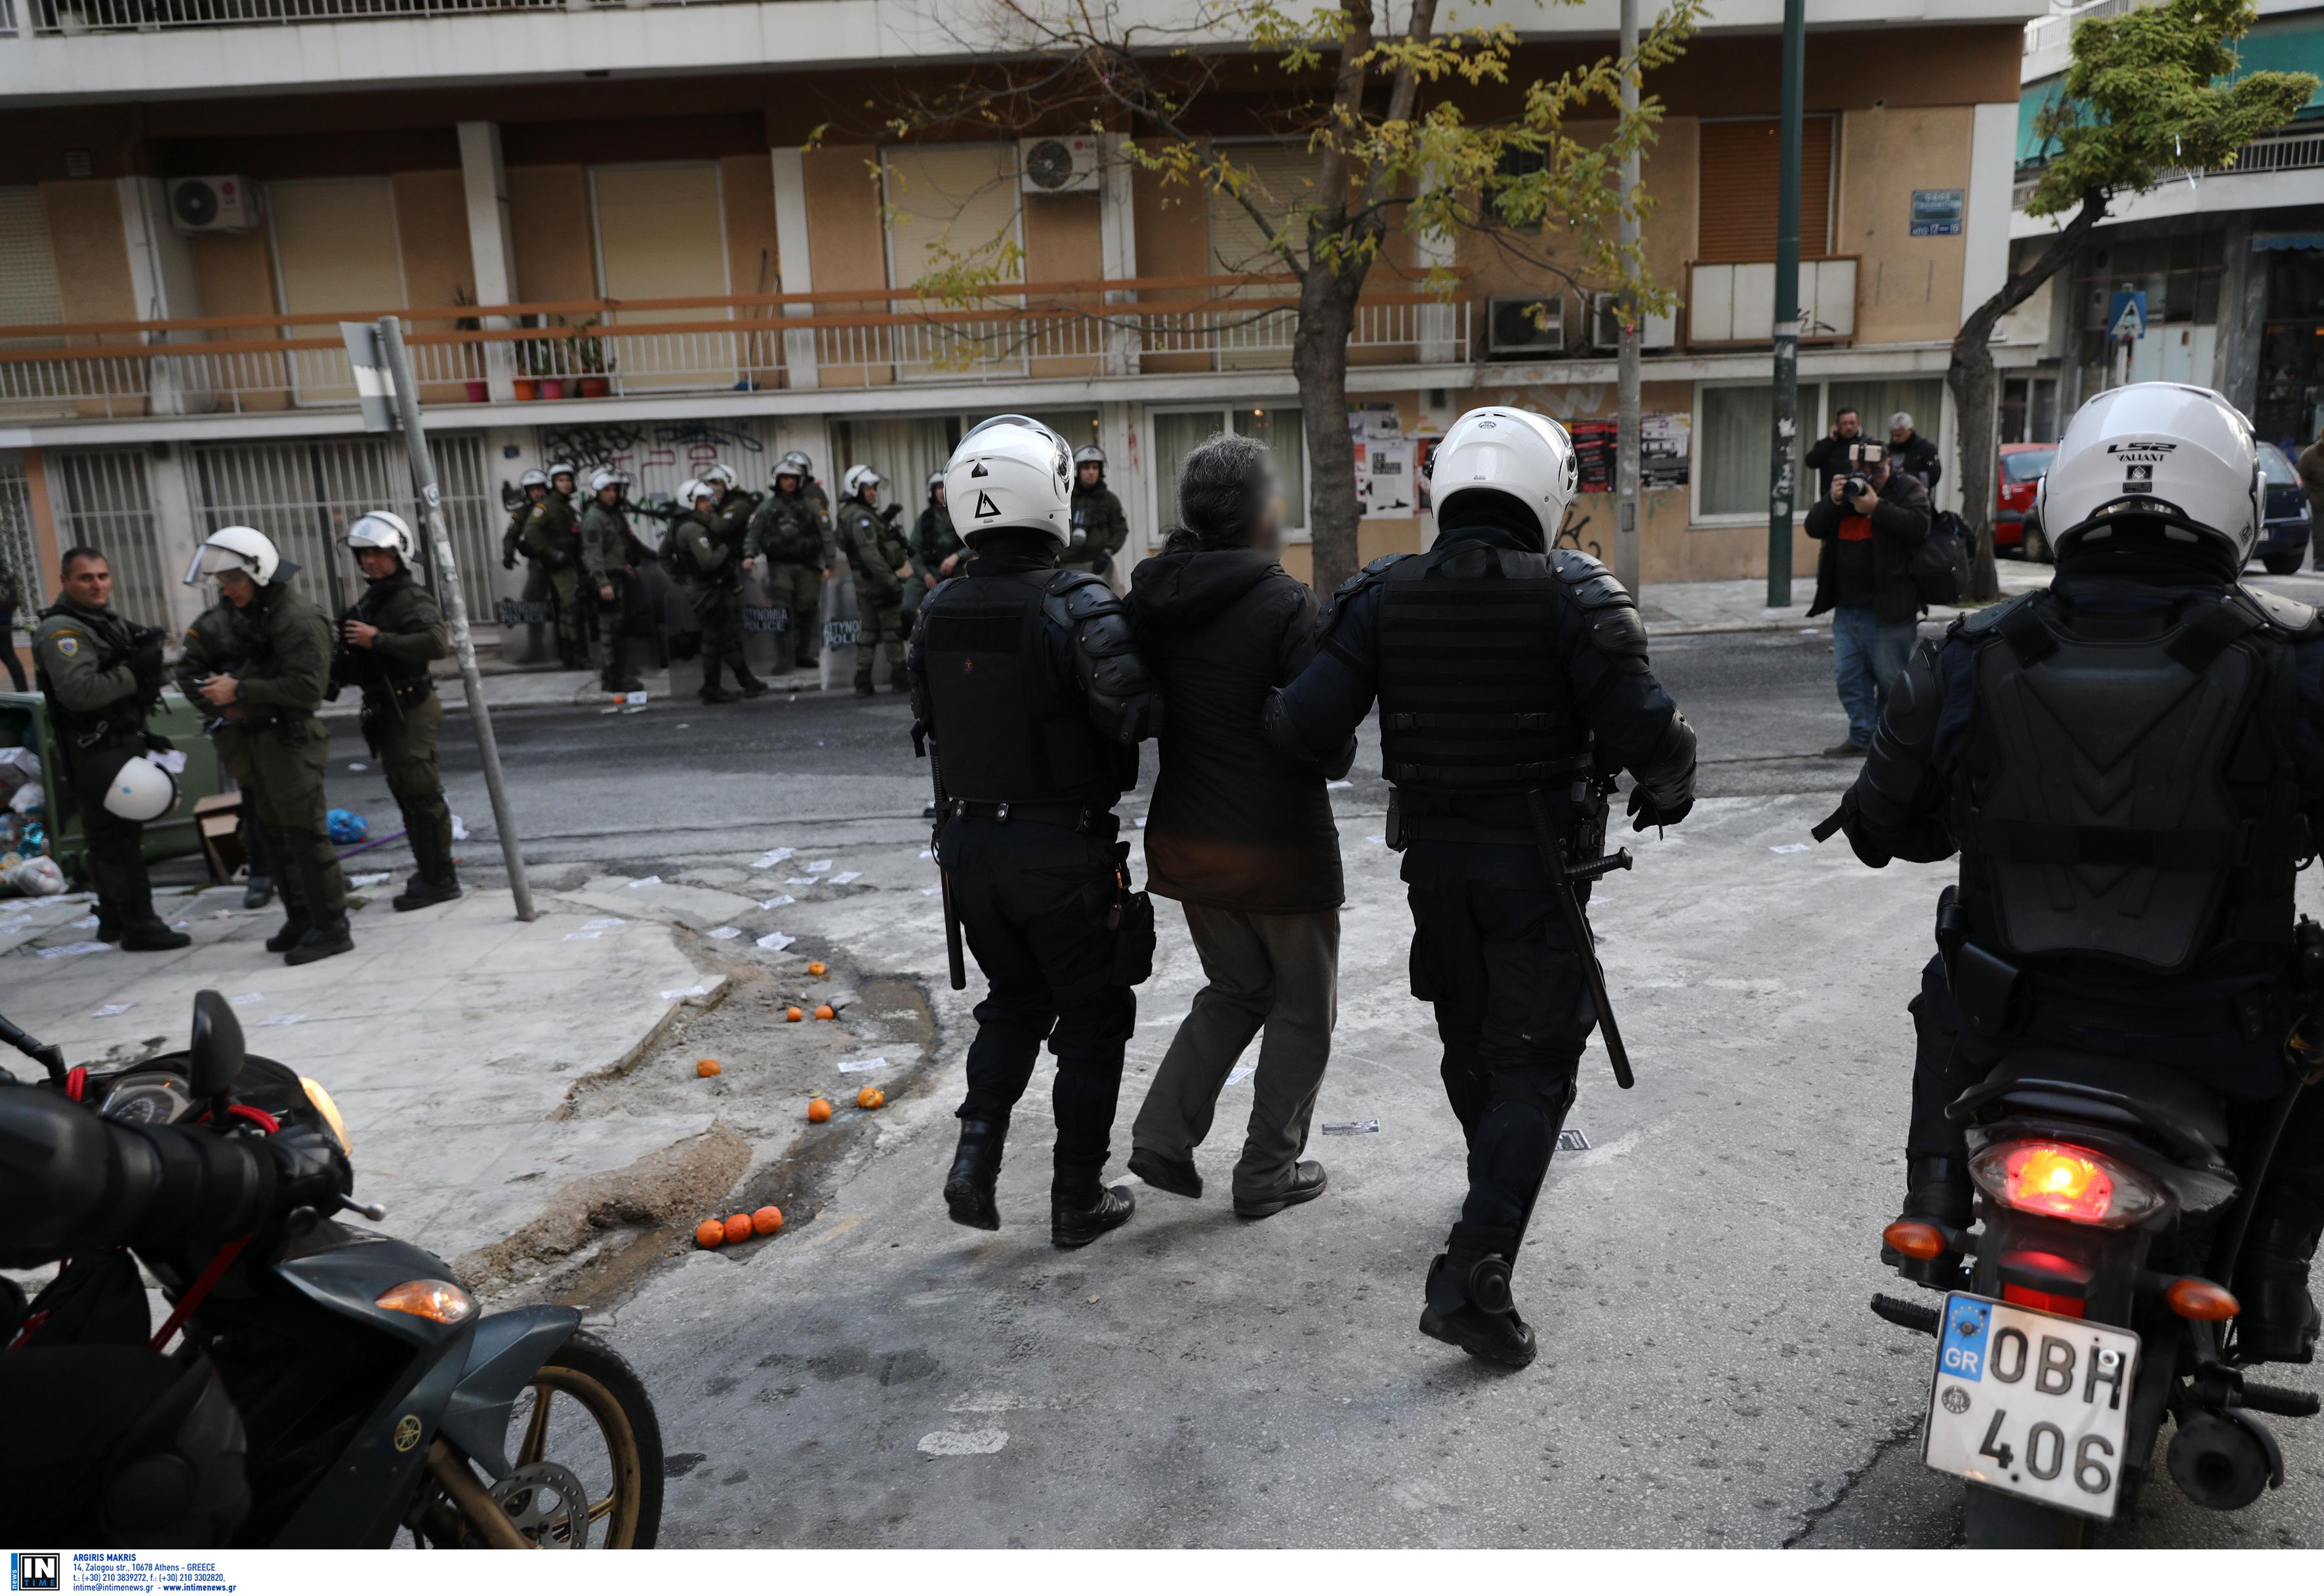 Κουκάκι: Τι απαντά η εισαγγελία στις αντιδράσεις για τις κατηγορίες εναντίον των 20 συλληφθέντων